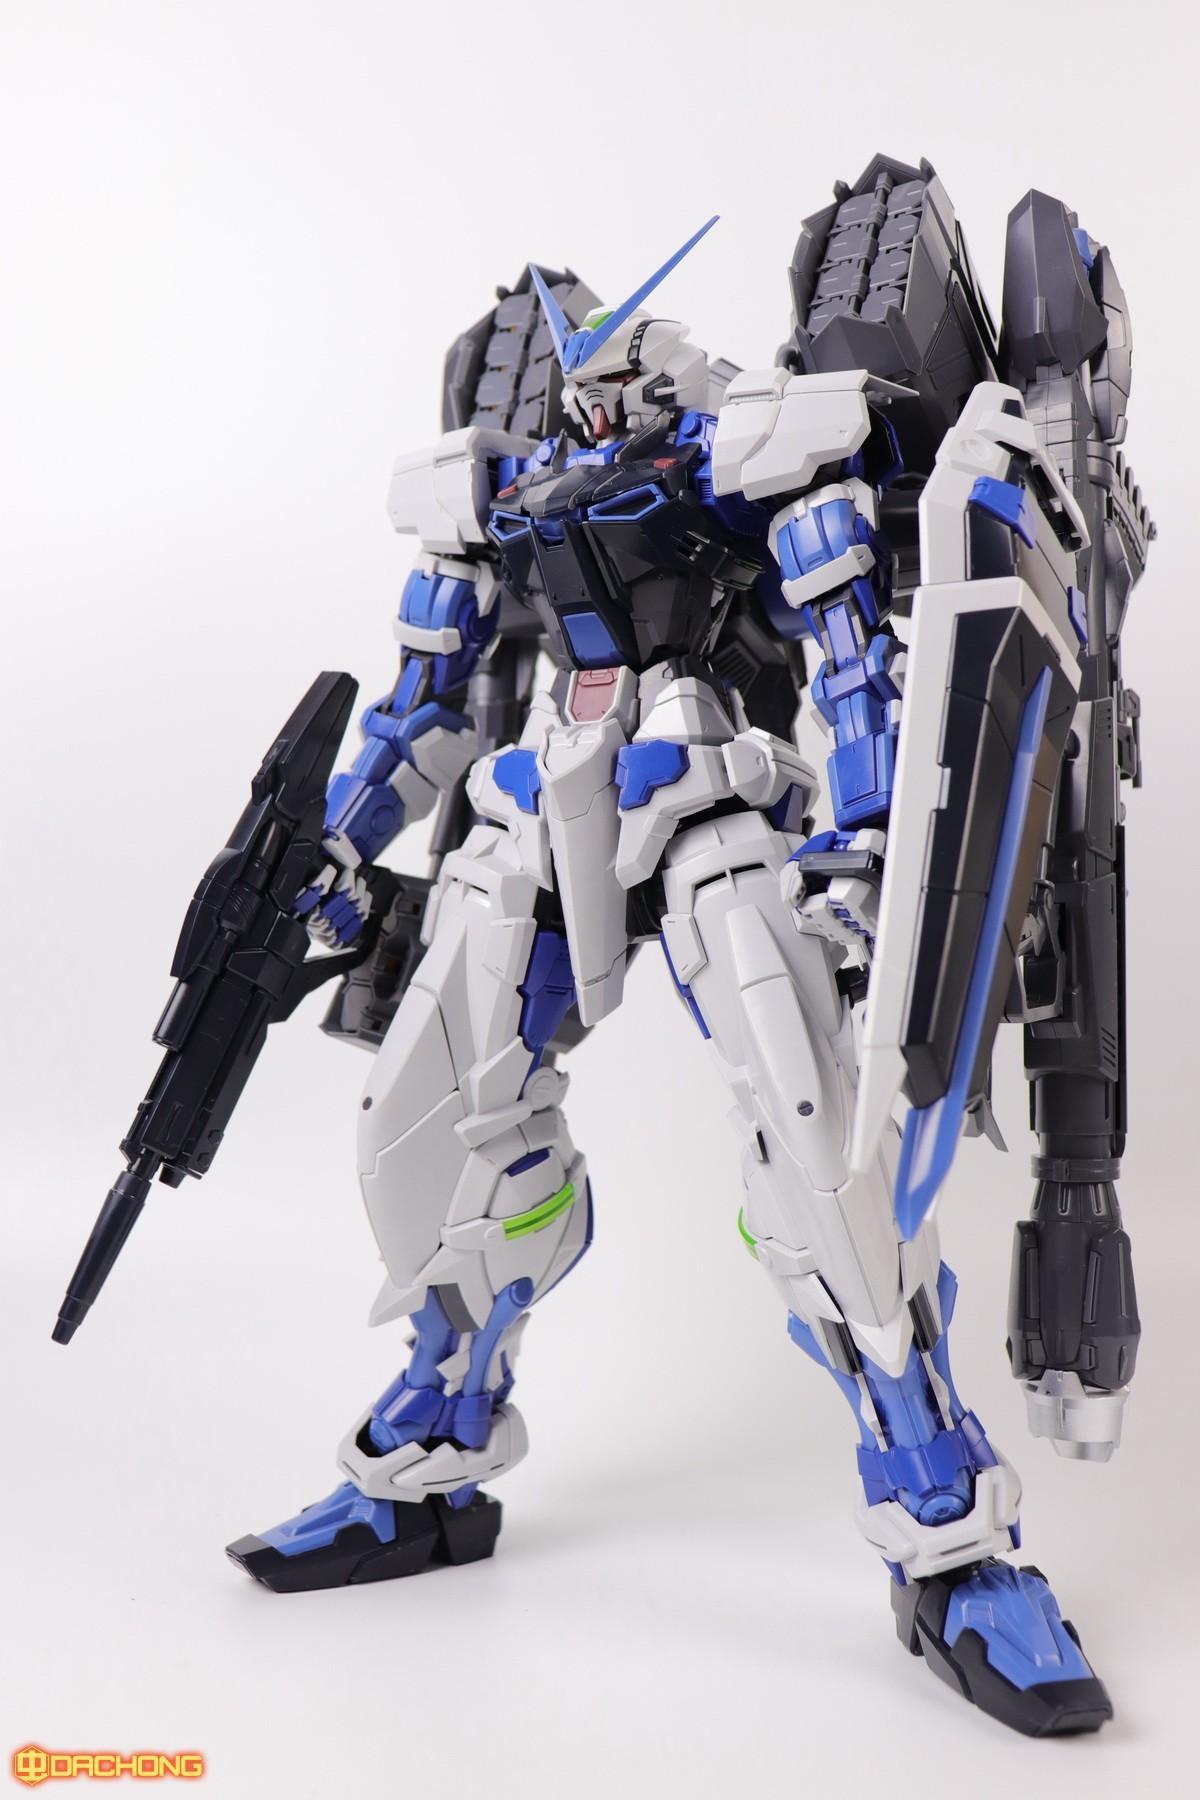 S306_blue_frame_astray_60_078.jpg